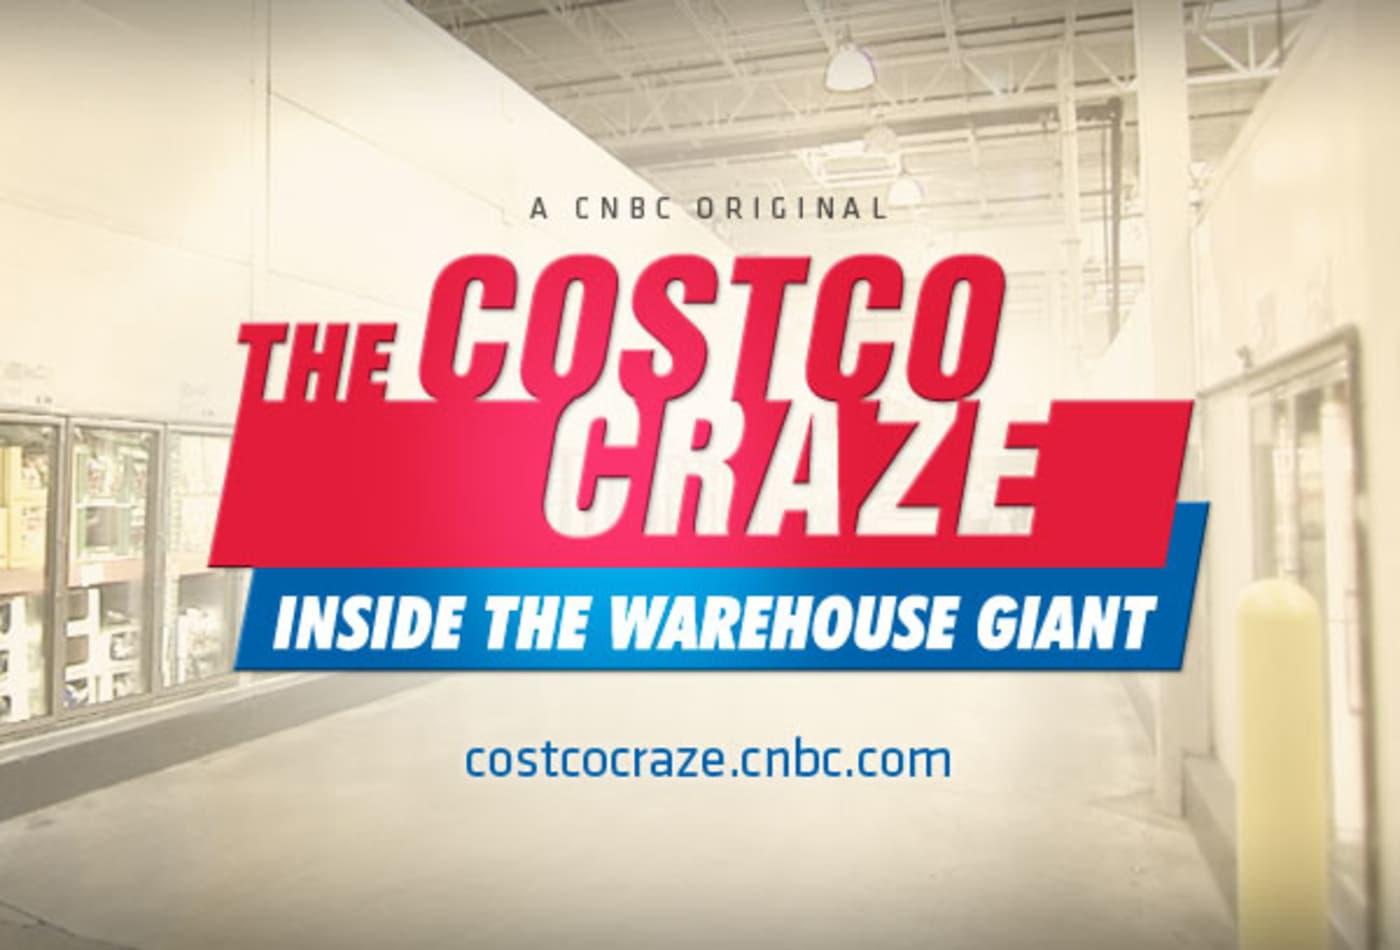 47159976 costco-craze-endslide.jpg